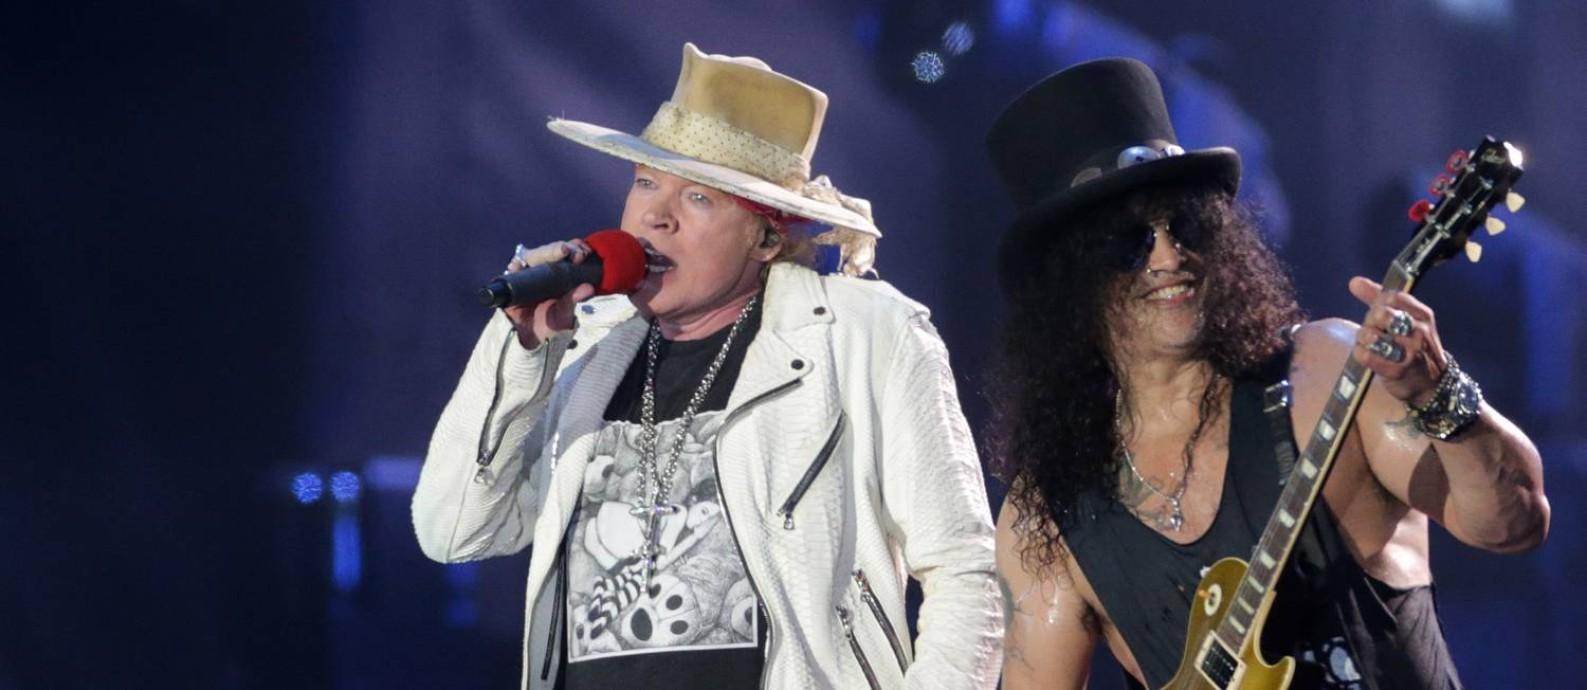 Axl Rose e Slash durante show do Guns N' Roses no Rock in Rio 2017 Foto: Márcio Alves / O Globo